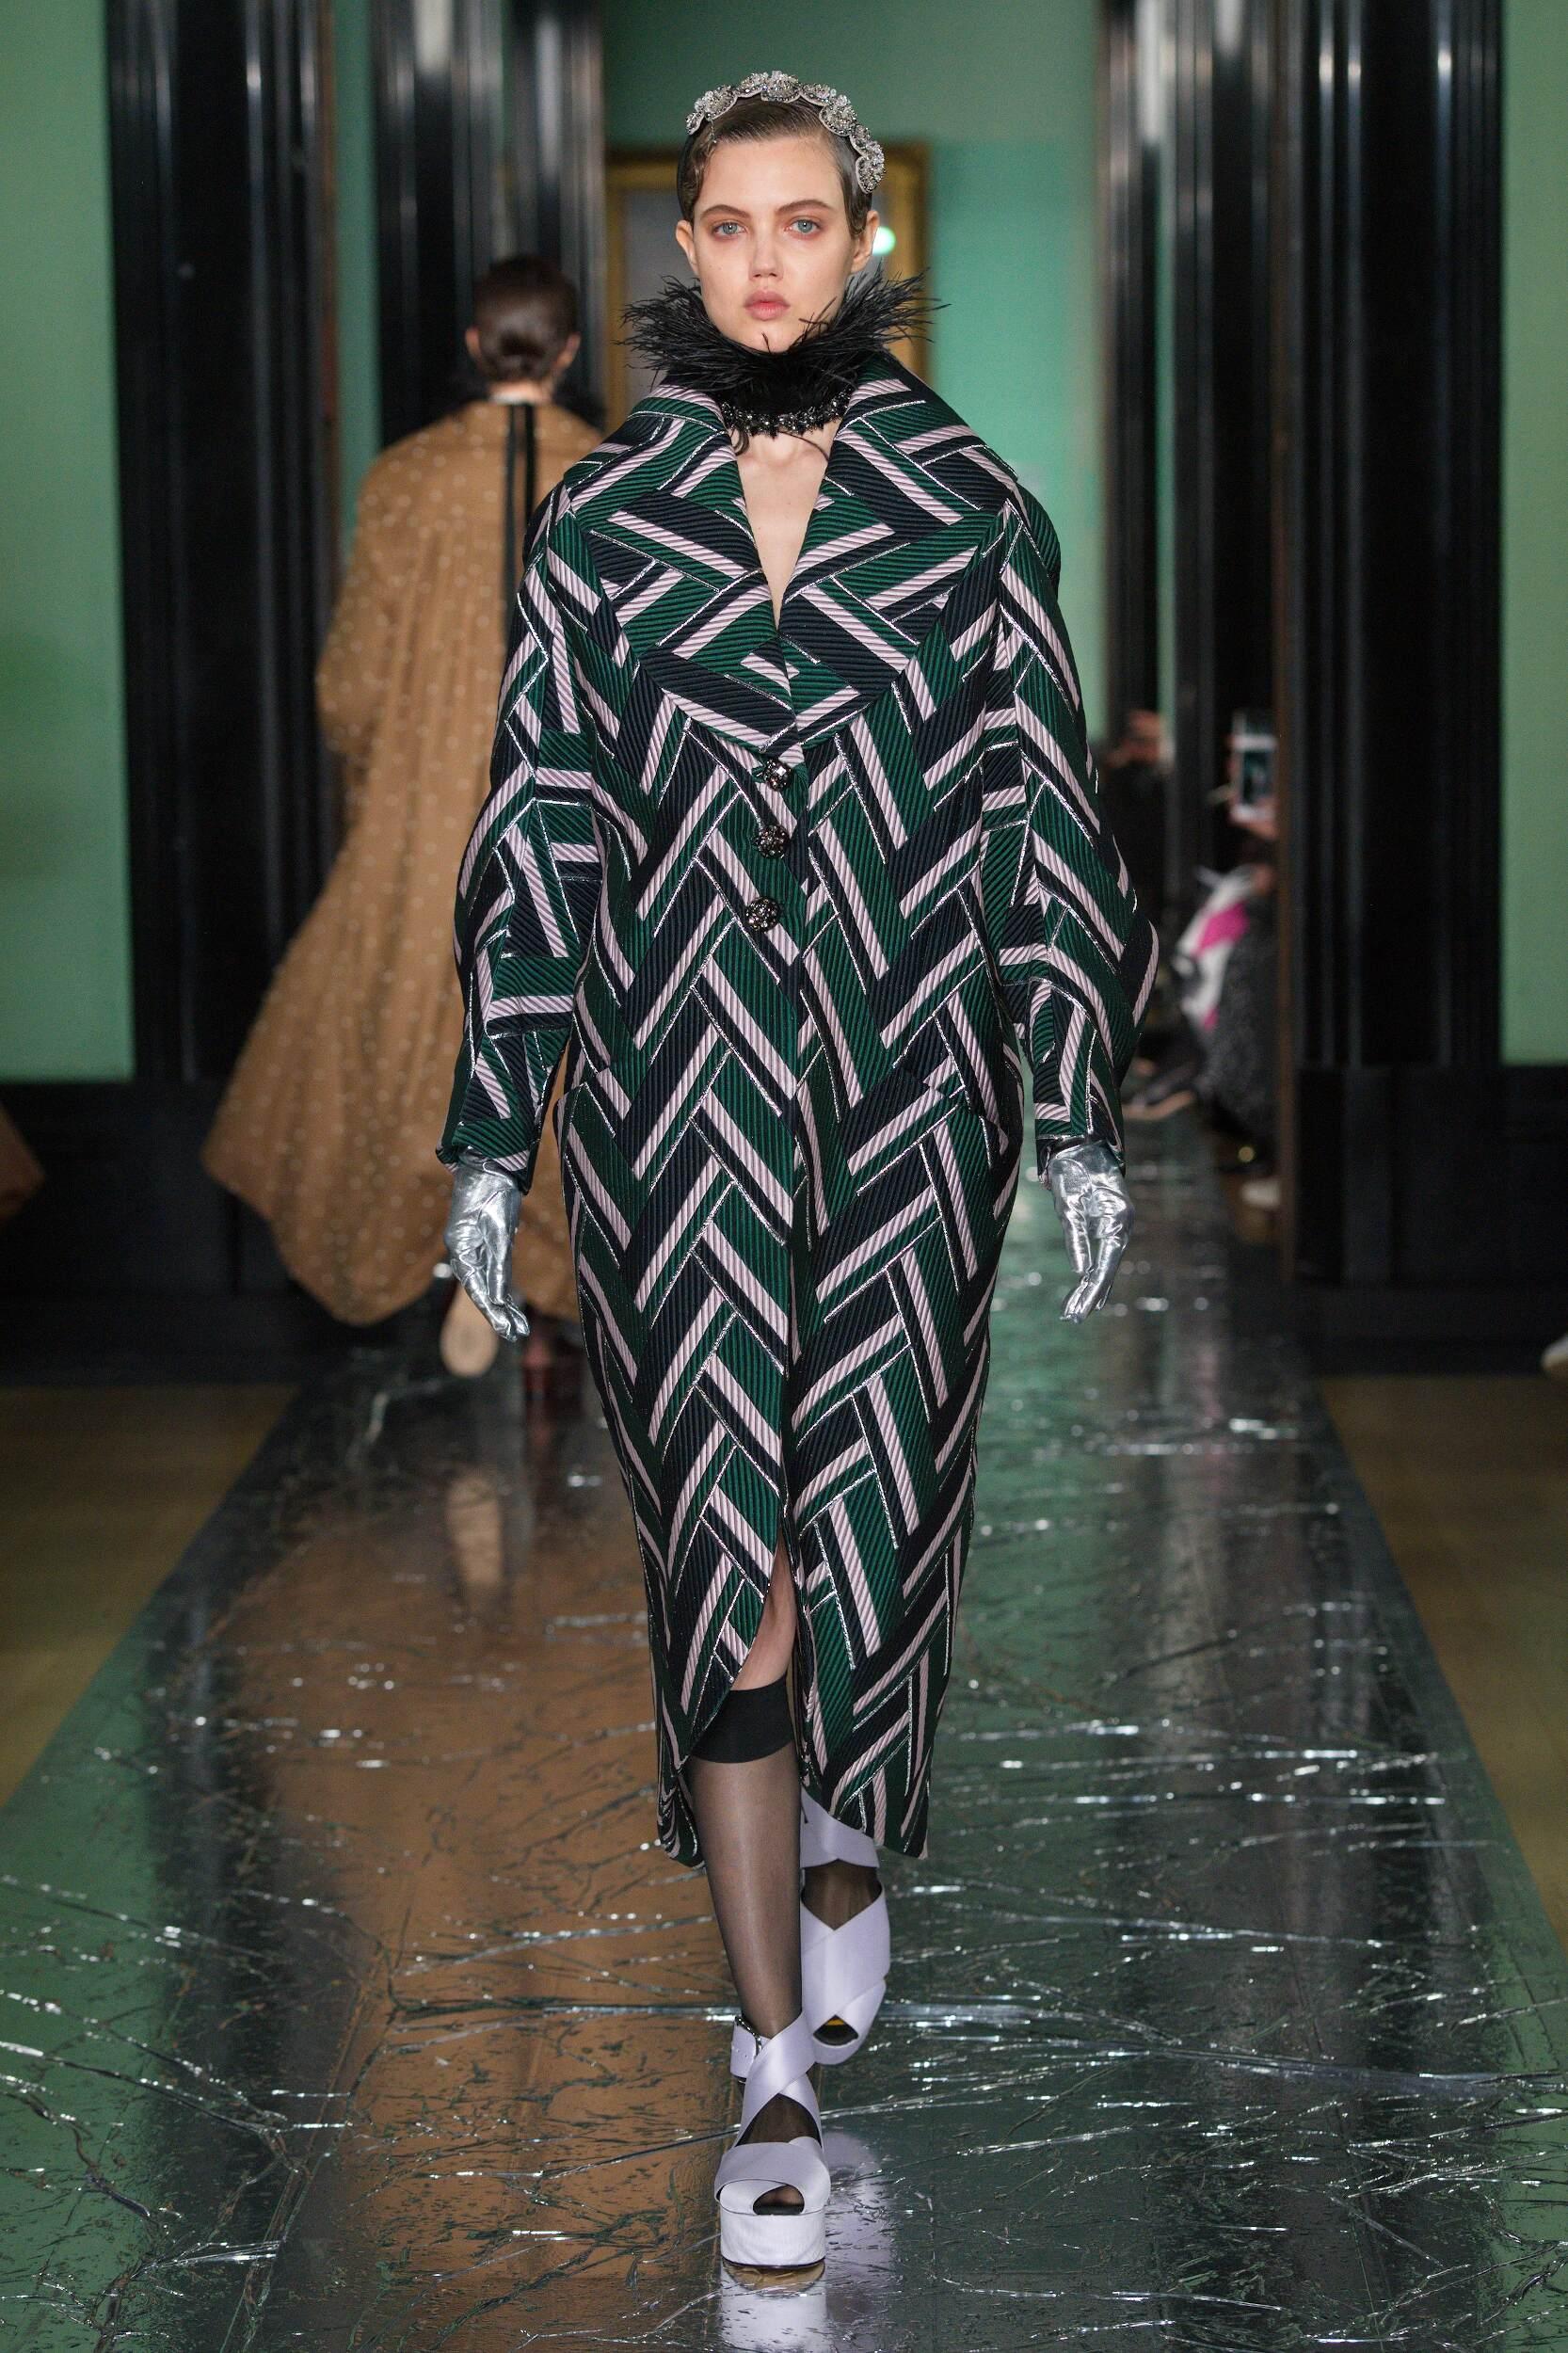 Erdem FW 2020 Womenswear